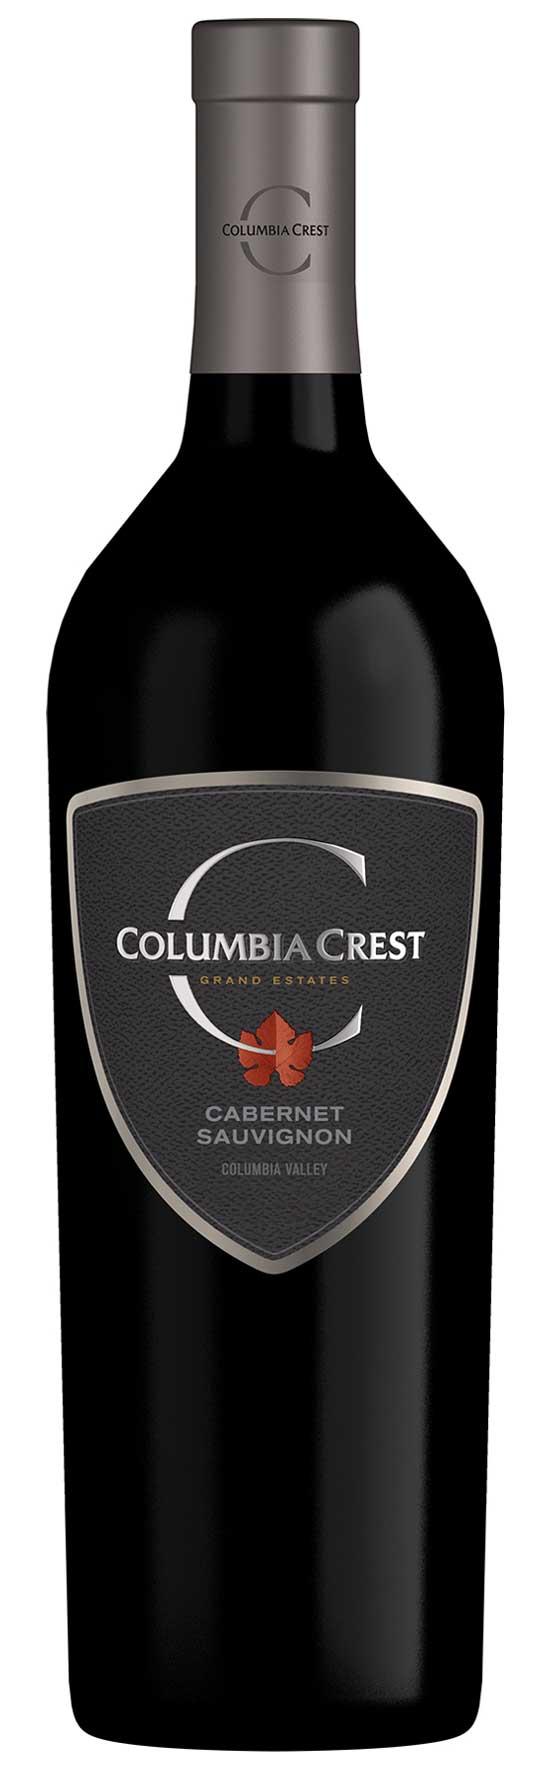 Columbia Crest Grand Estates Cabernet Sauvignon 2017